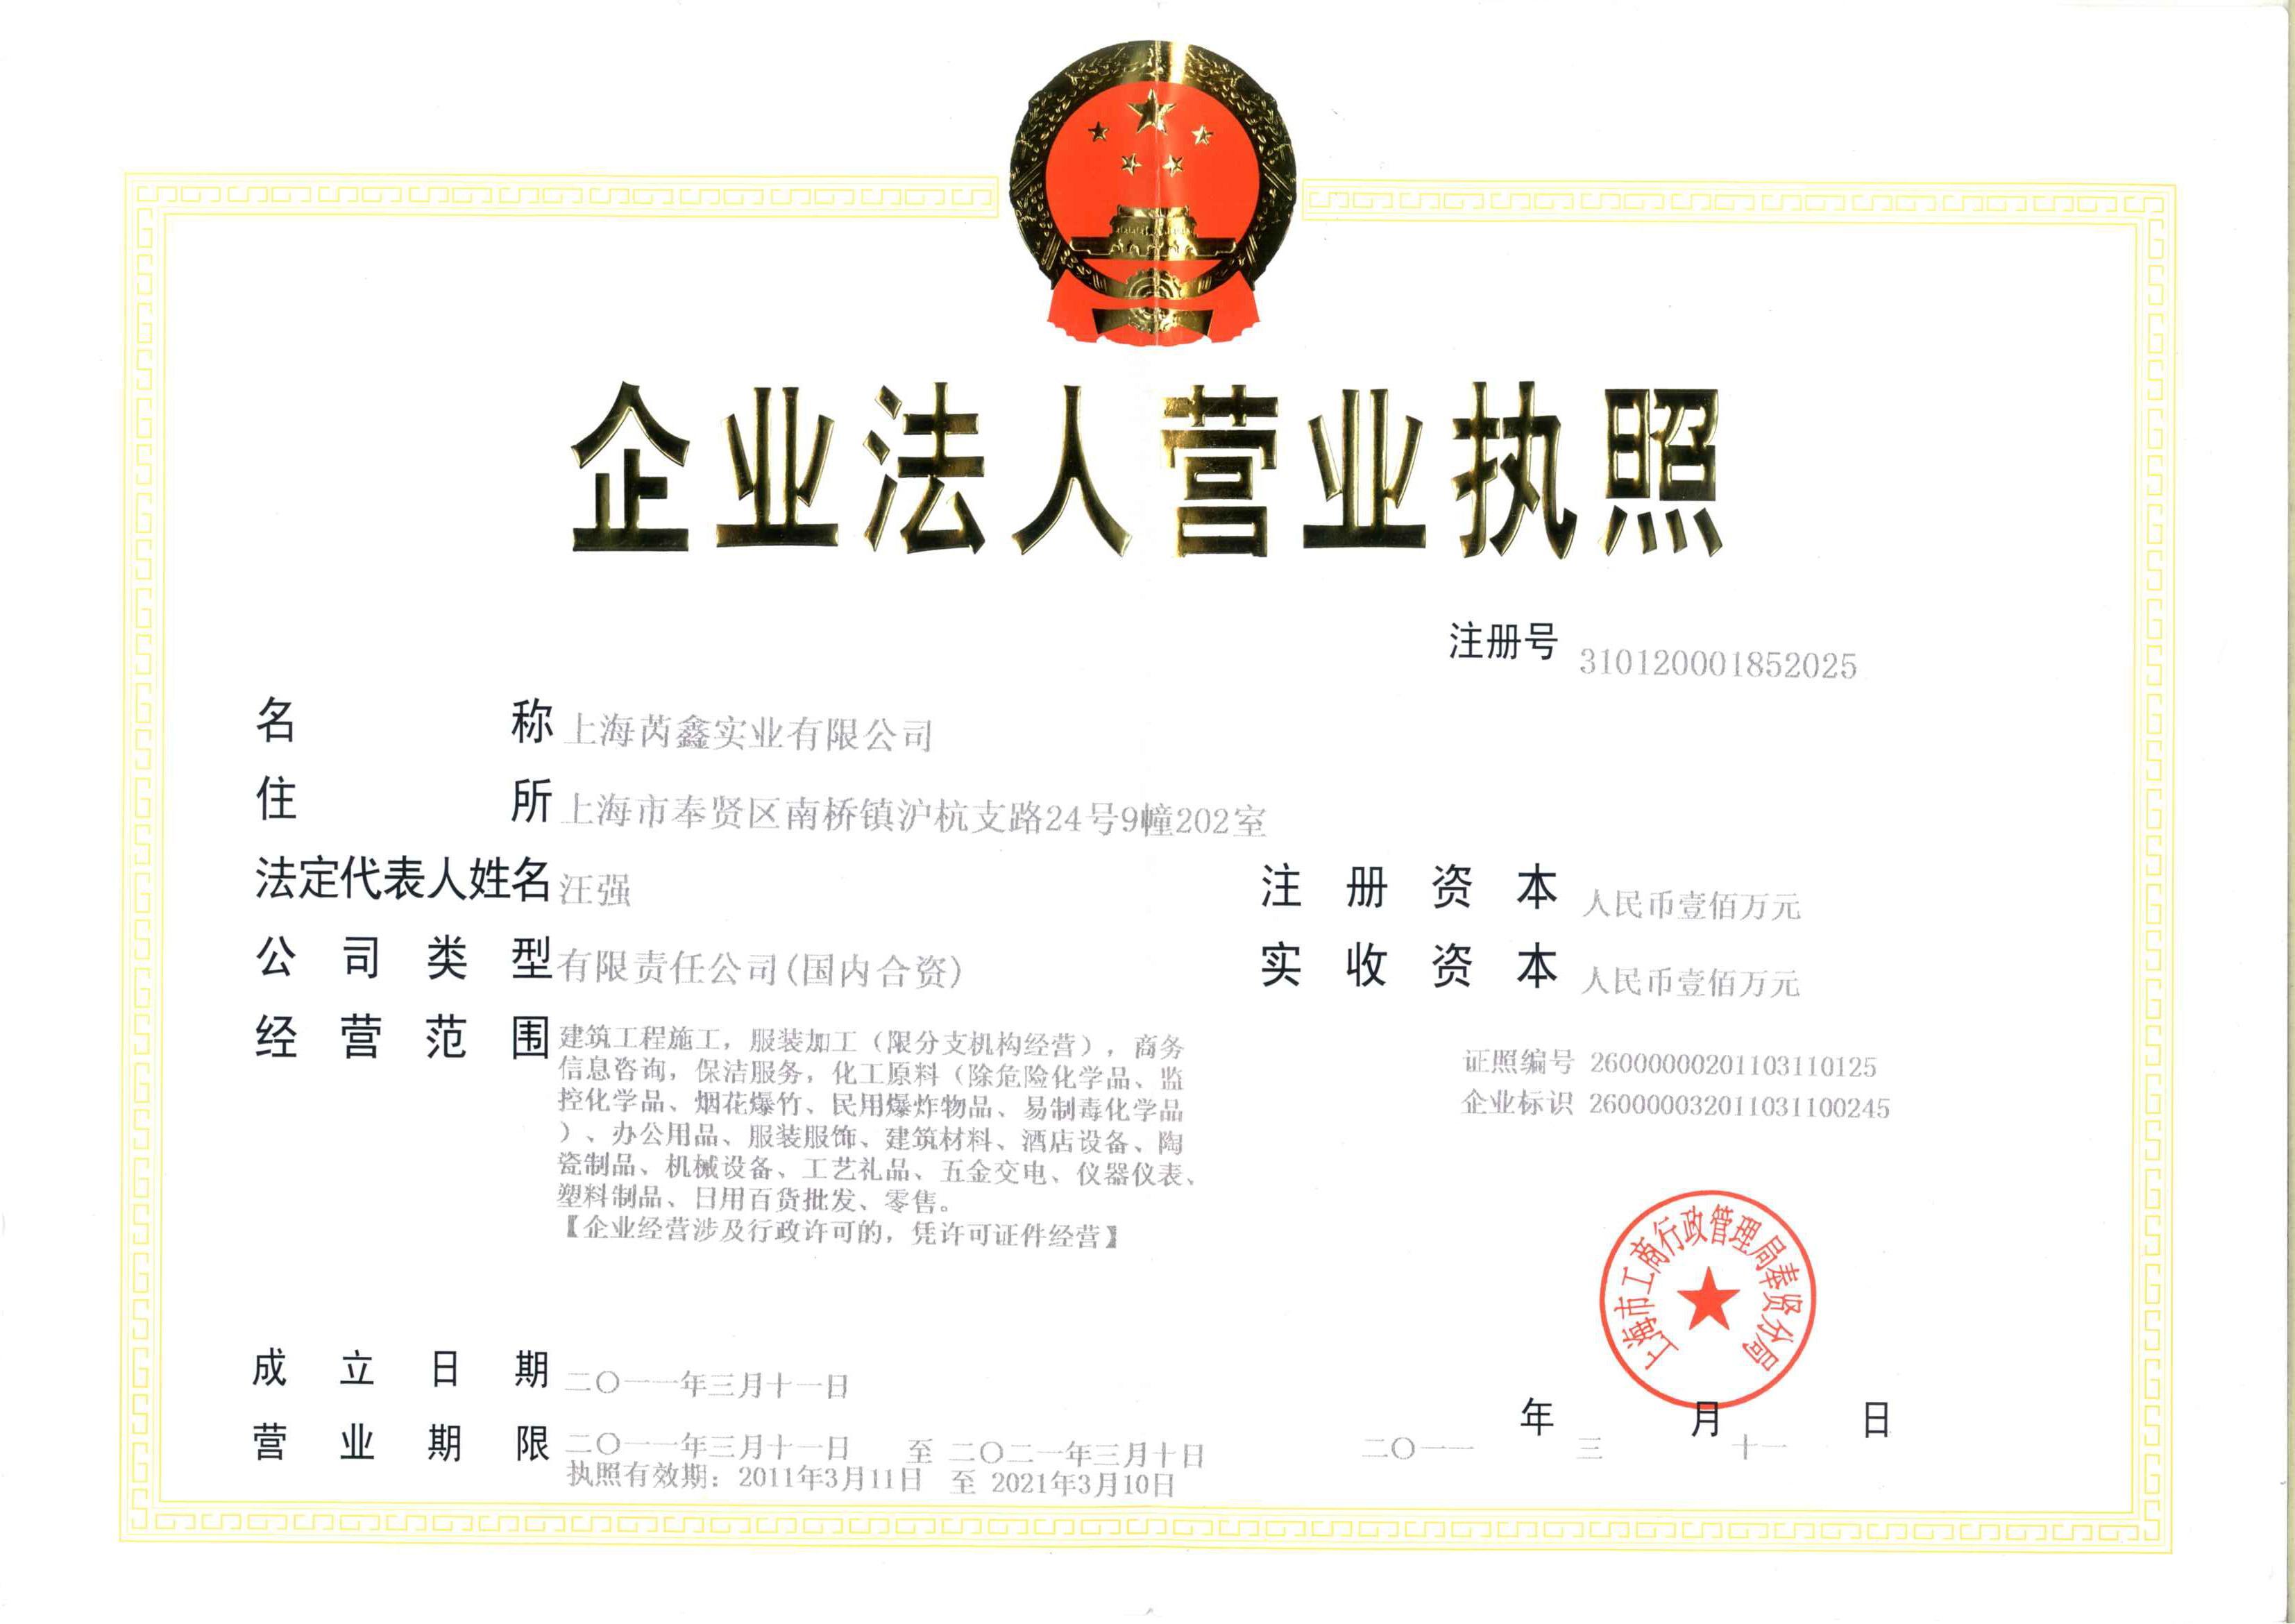 美国戴安公司上海 电话_上海调查公司电话_上海公司采购部电话